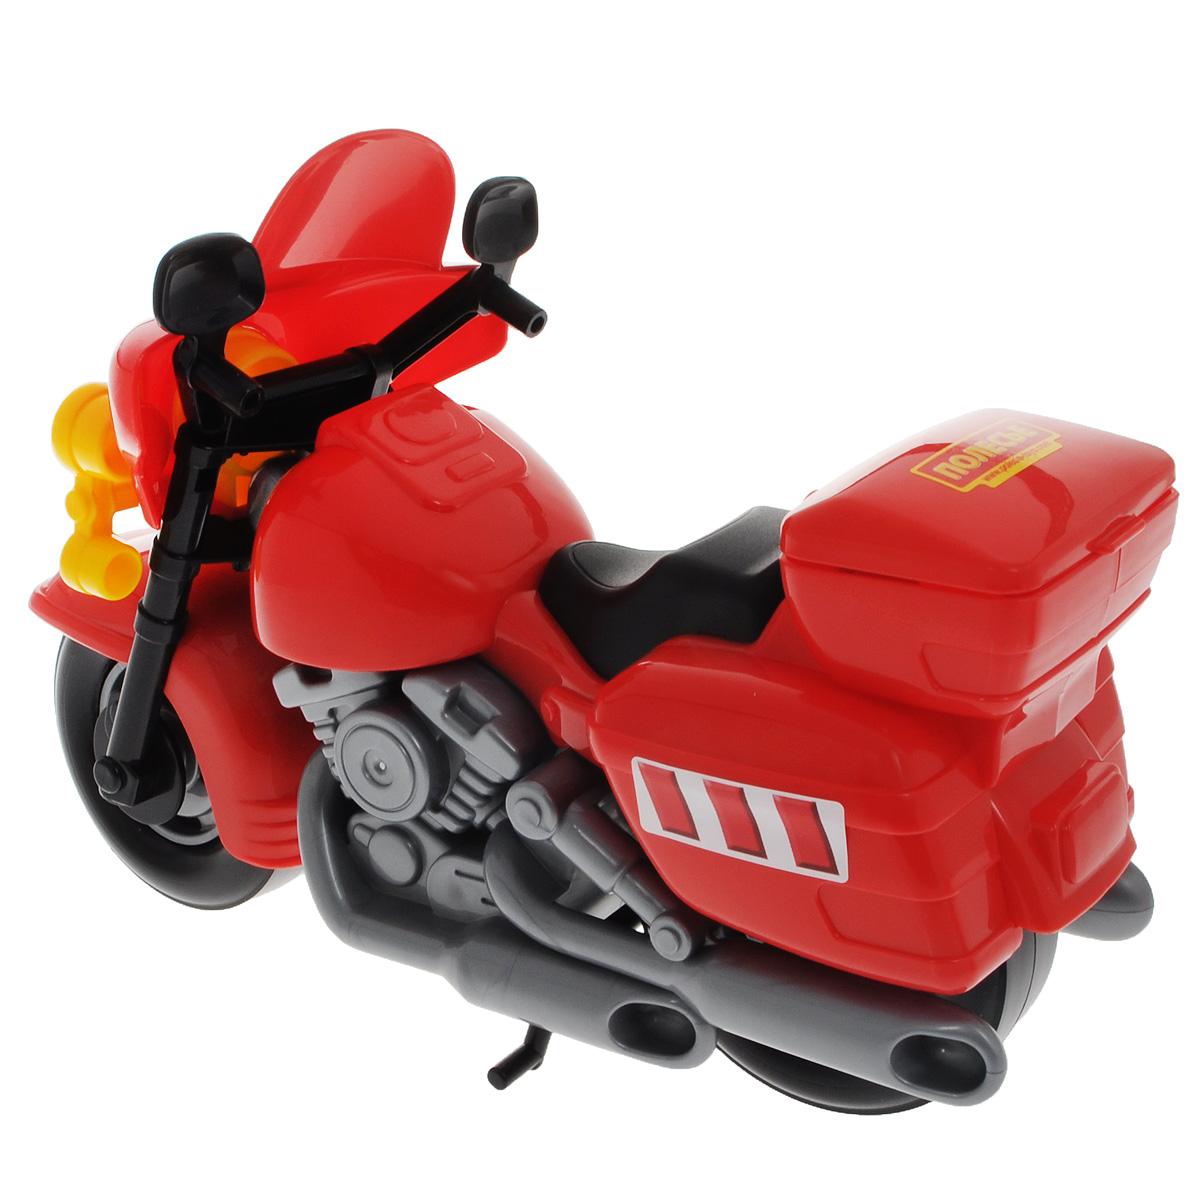 Полесье Полицейский мотоцикл Харлей цвет красный серый